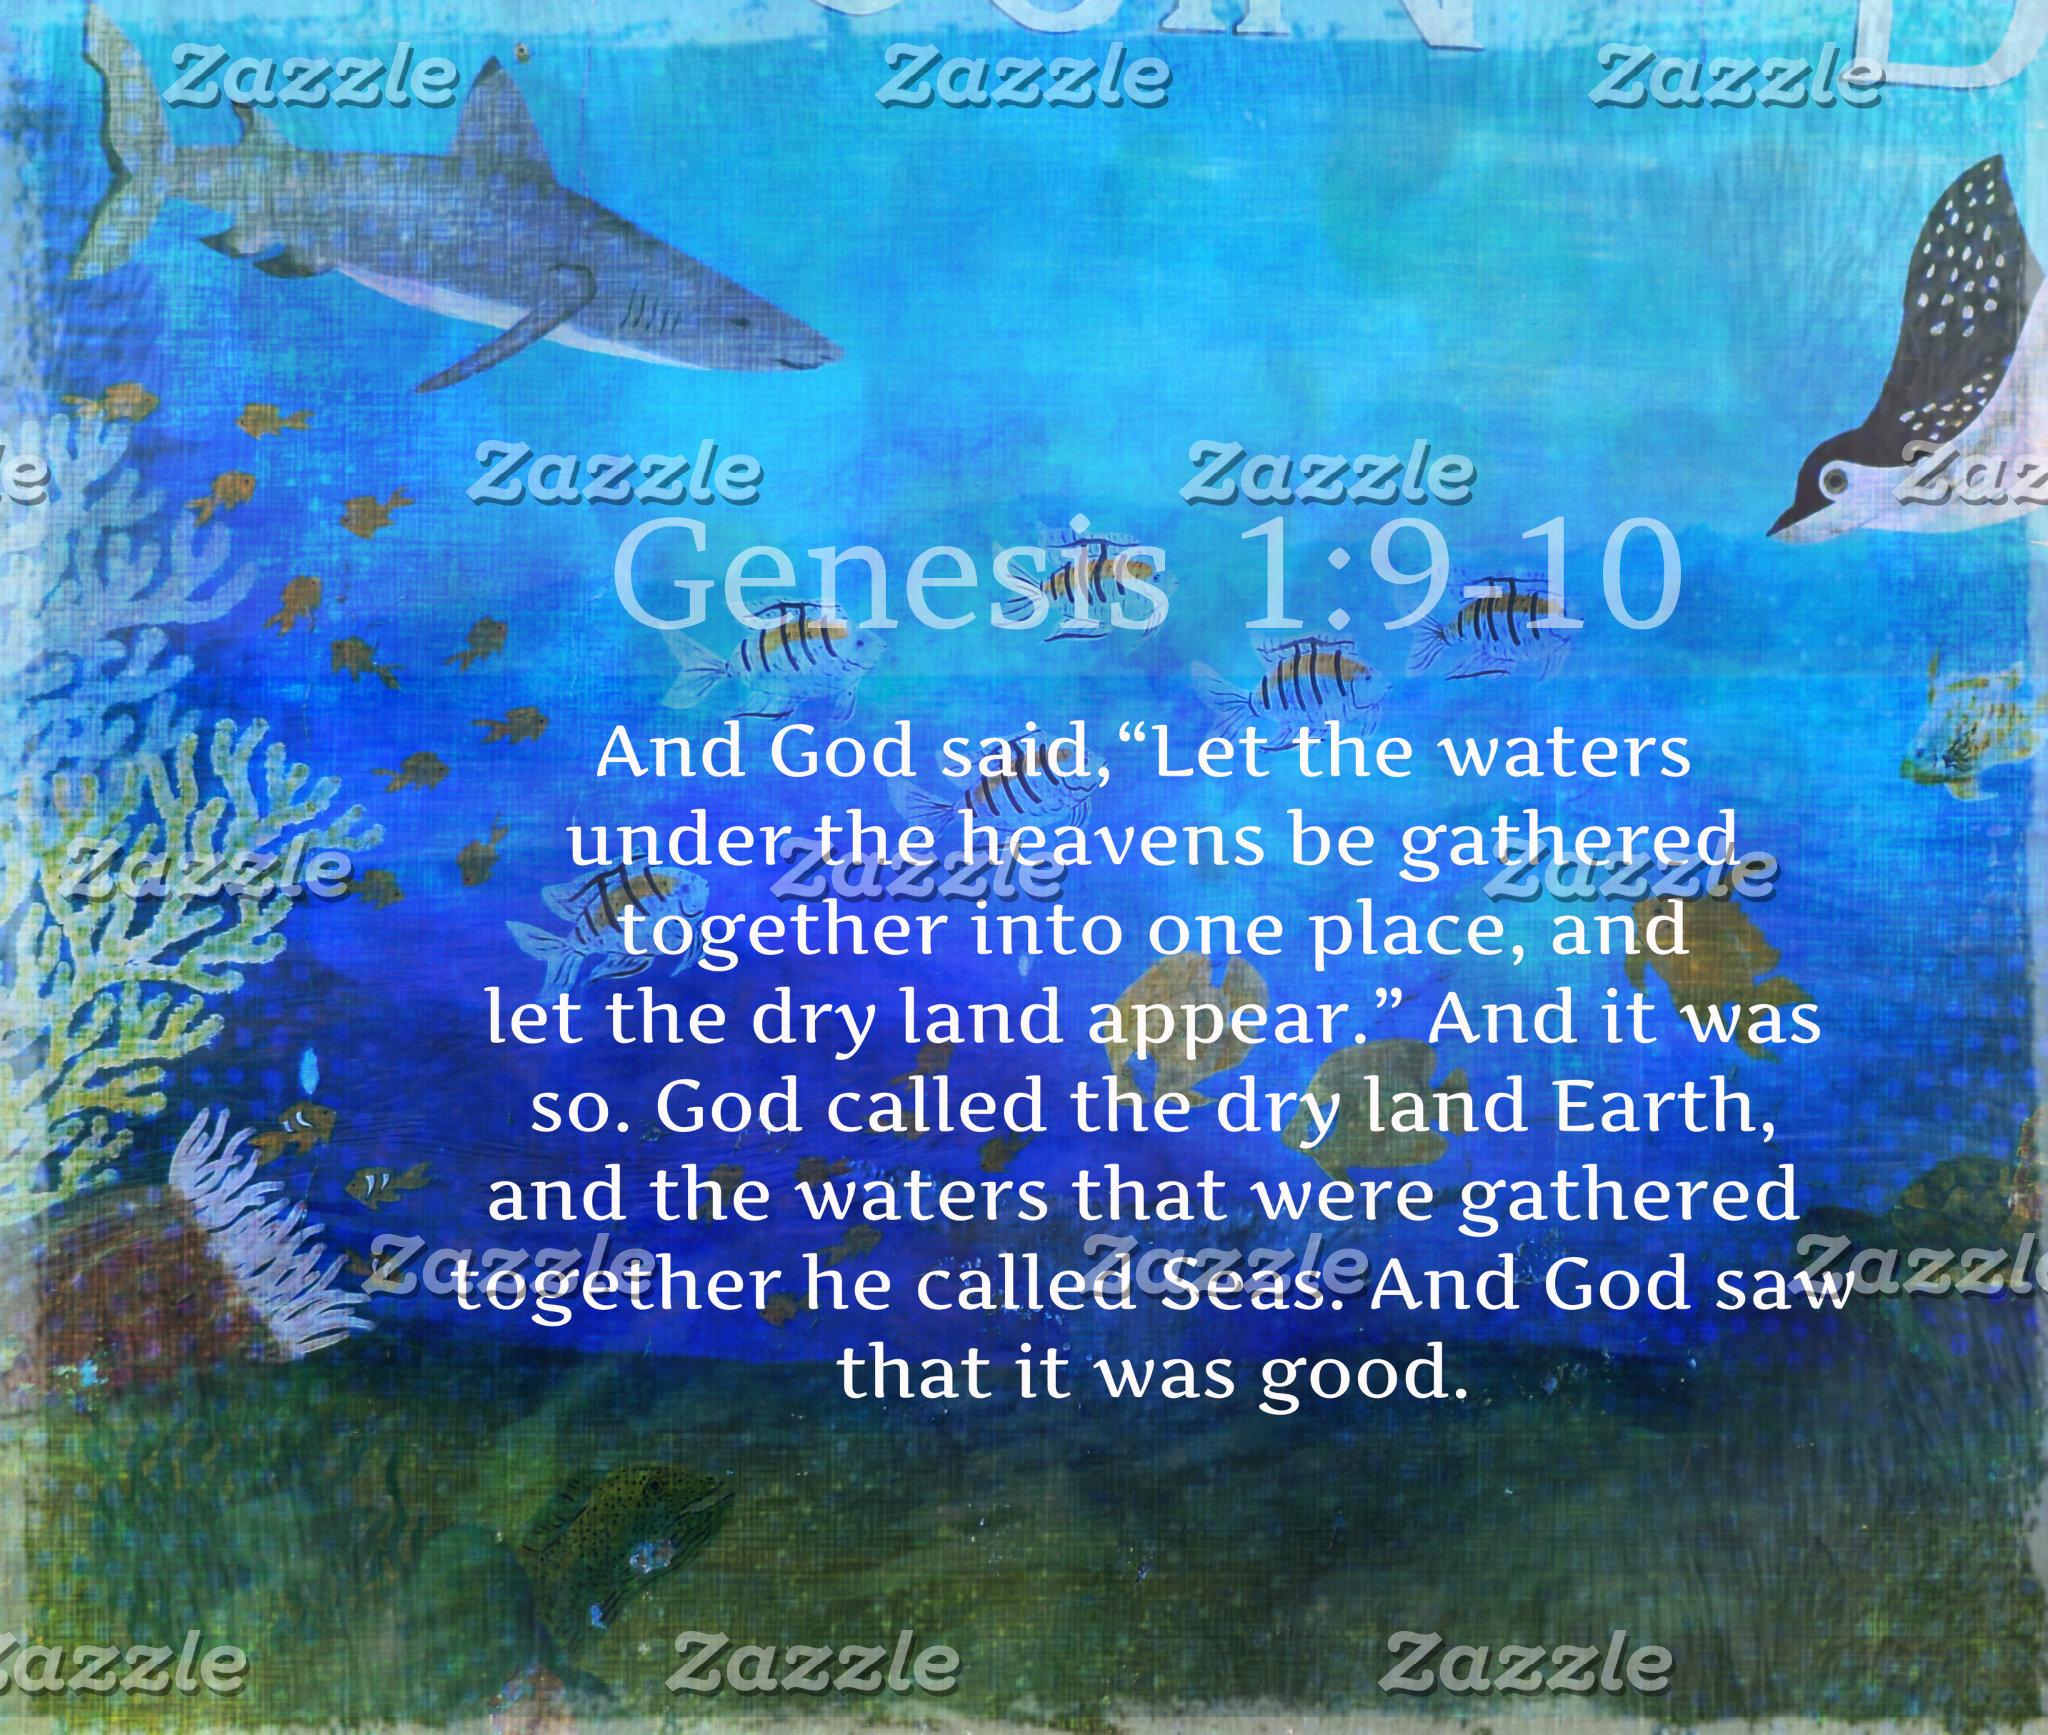 Genesis 1:9-10